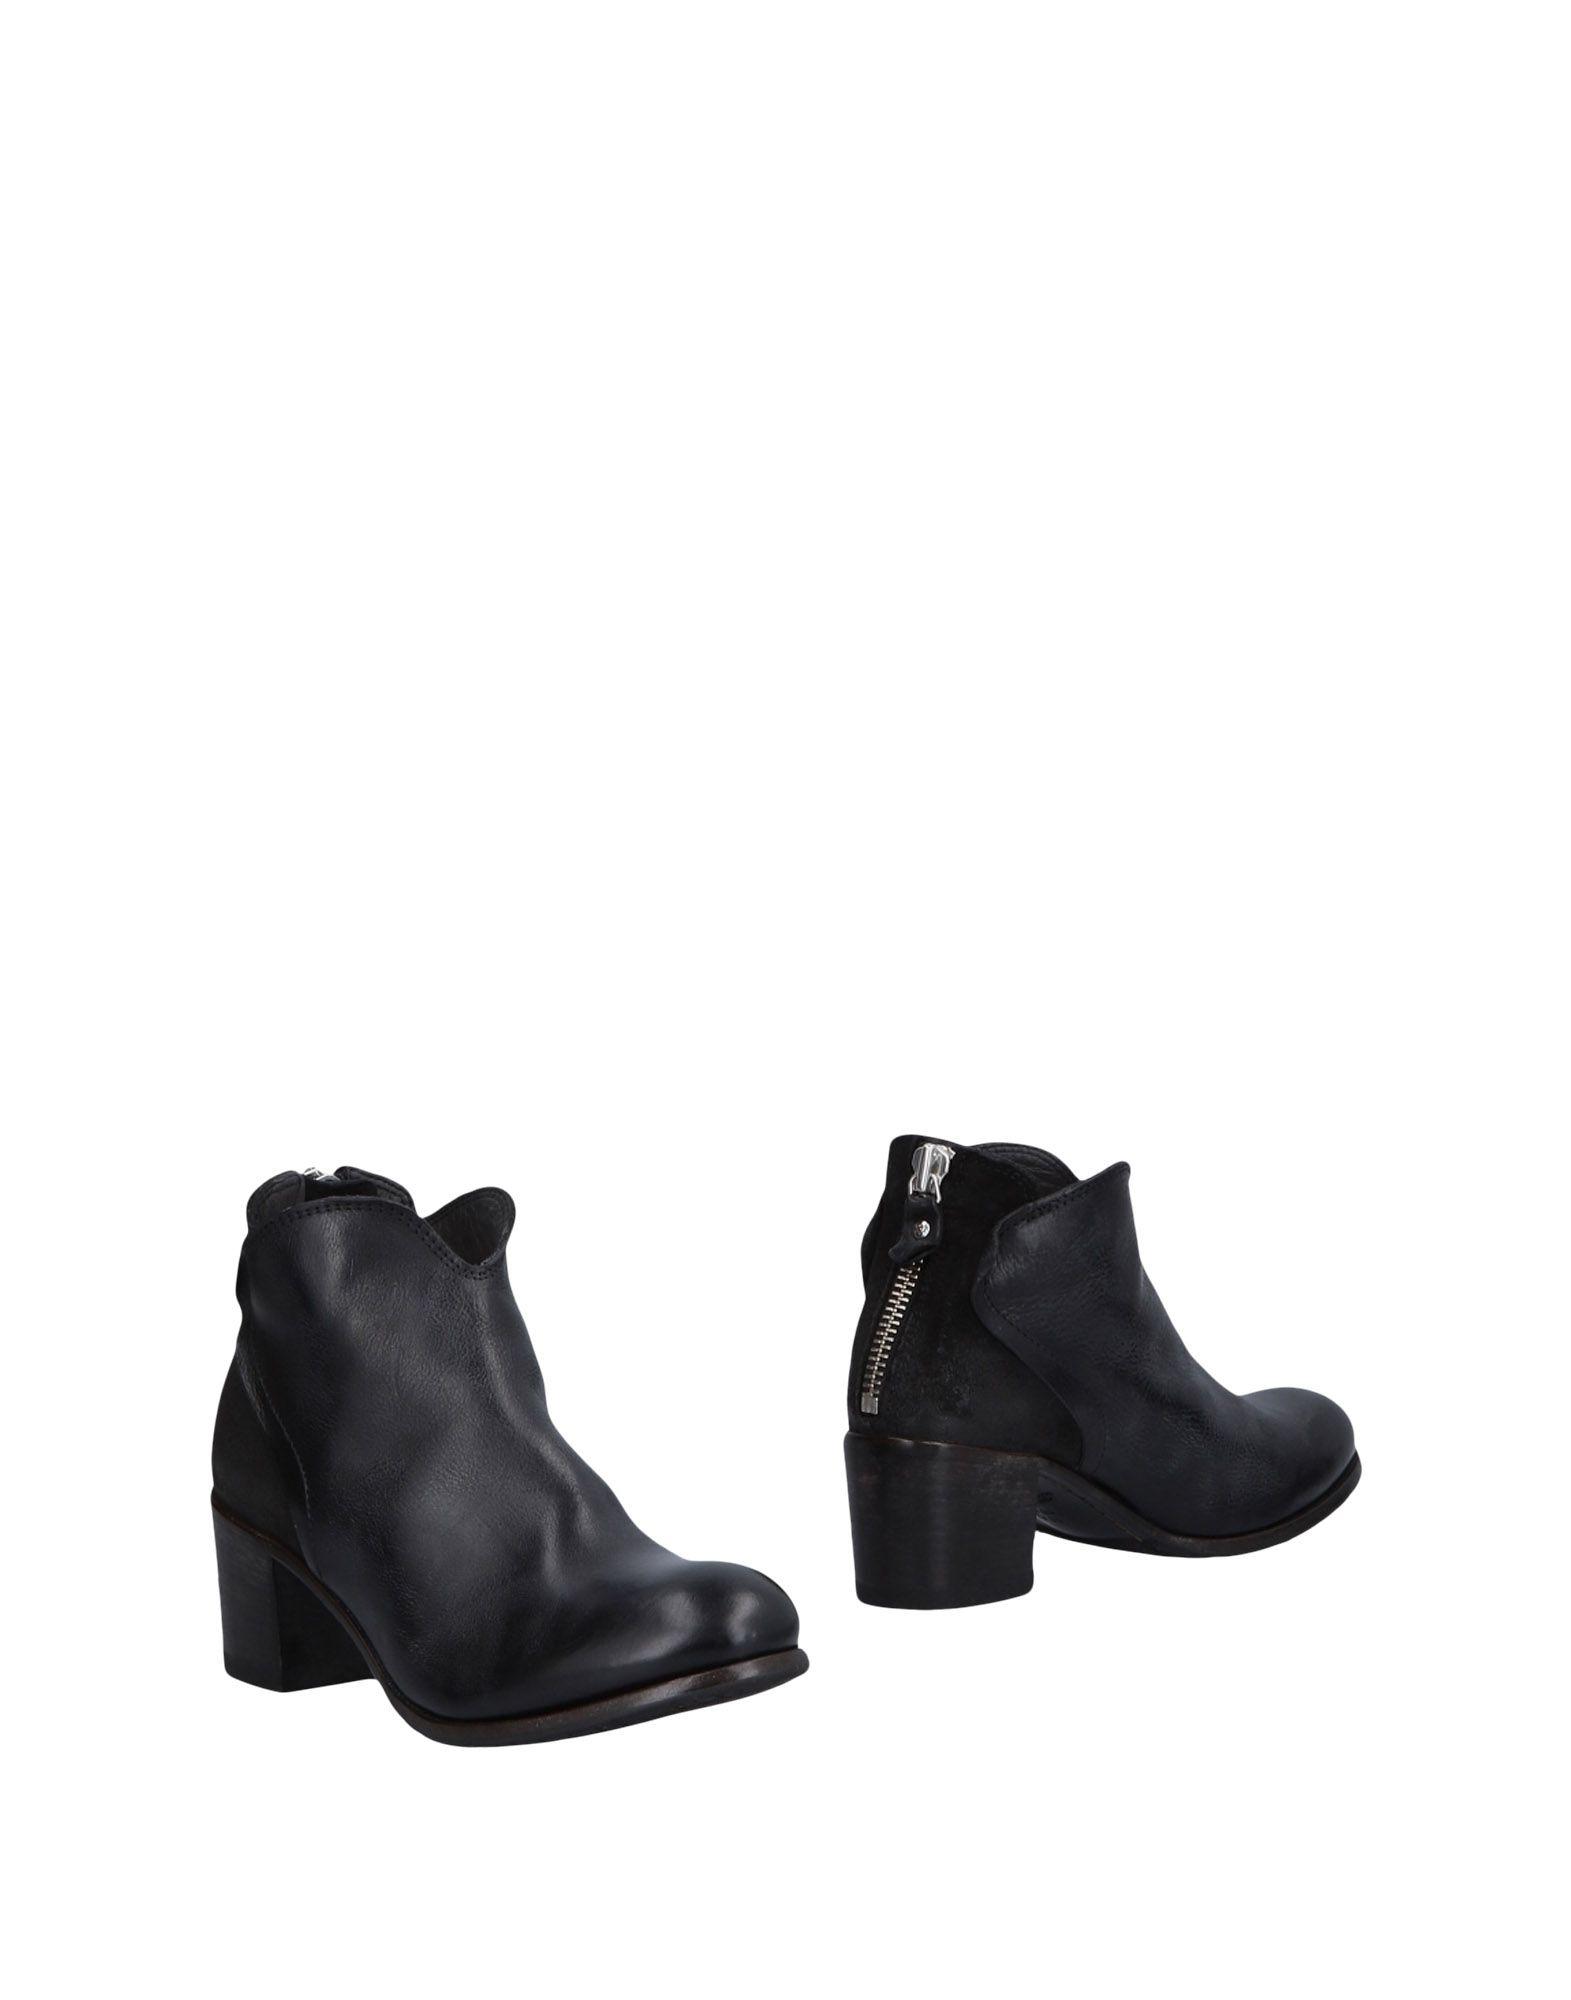 Moma Stiefelette Damen  11475259QJGut aussehende strapazierfähige Schuhe